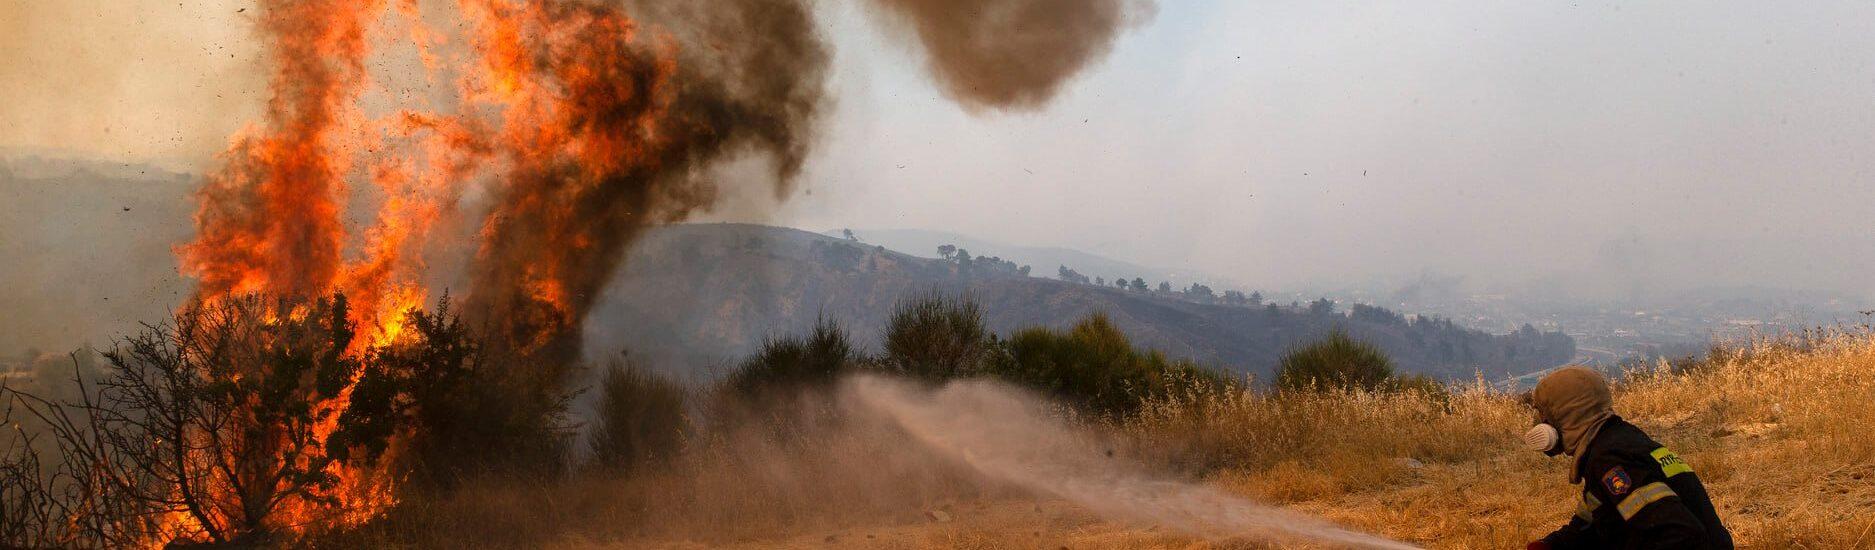 """Το """"αποτελεσματικό"""" επιτελικό Κράτος και οι καταστροφικές πυρκαγιές!"""